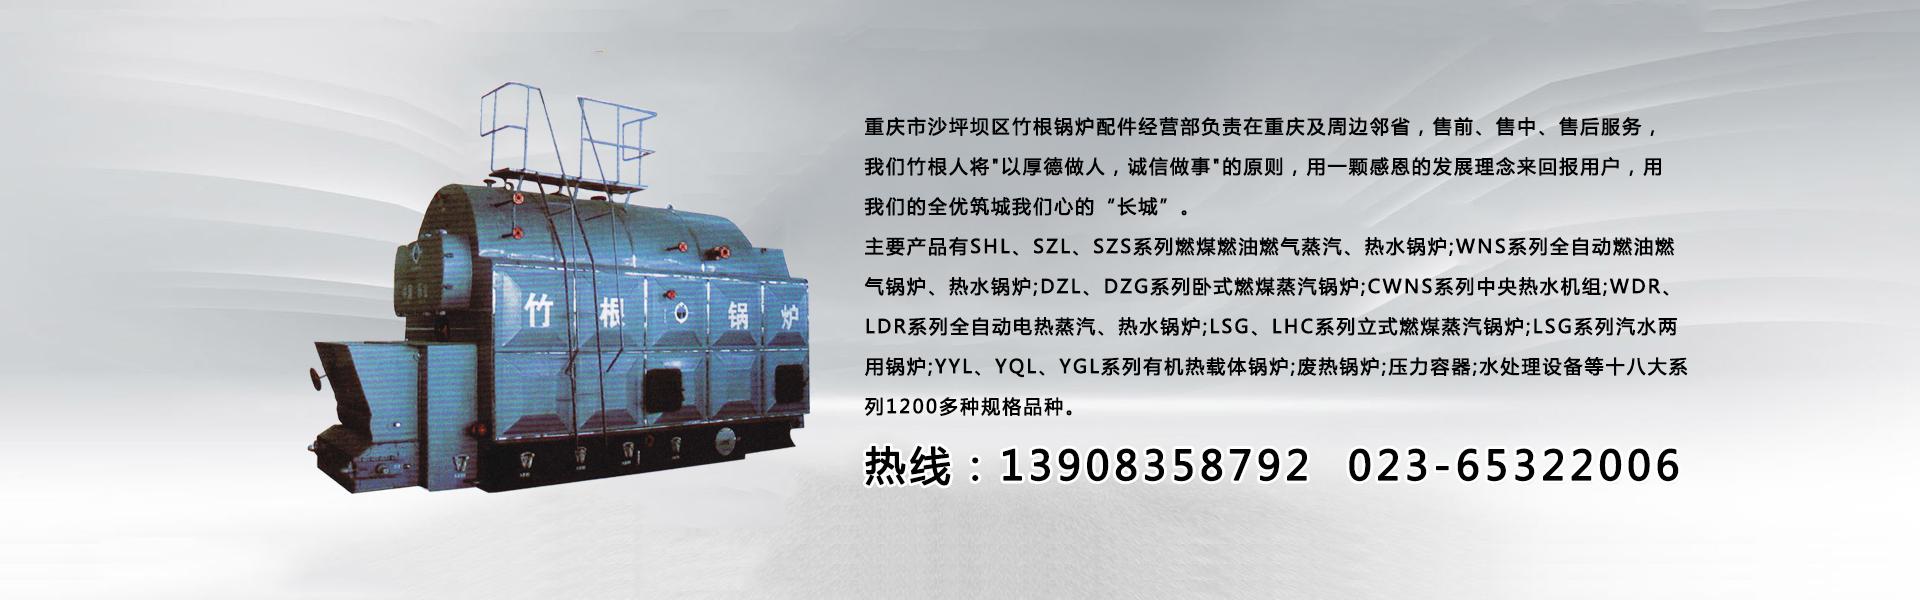 重庆市沙坪坝区竹根锅炉配件经营部联系电话:13908358792  023-65322006